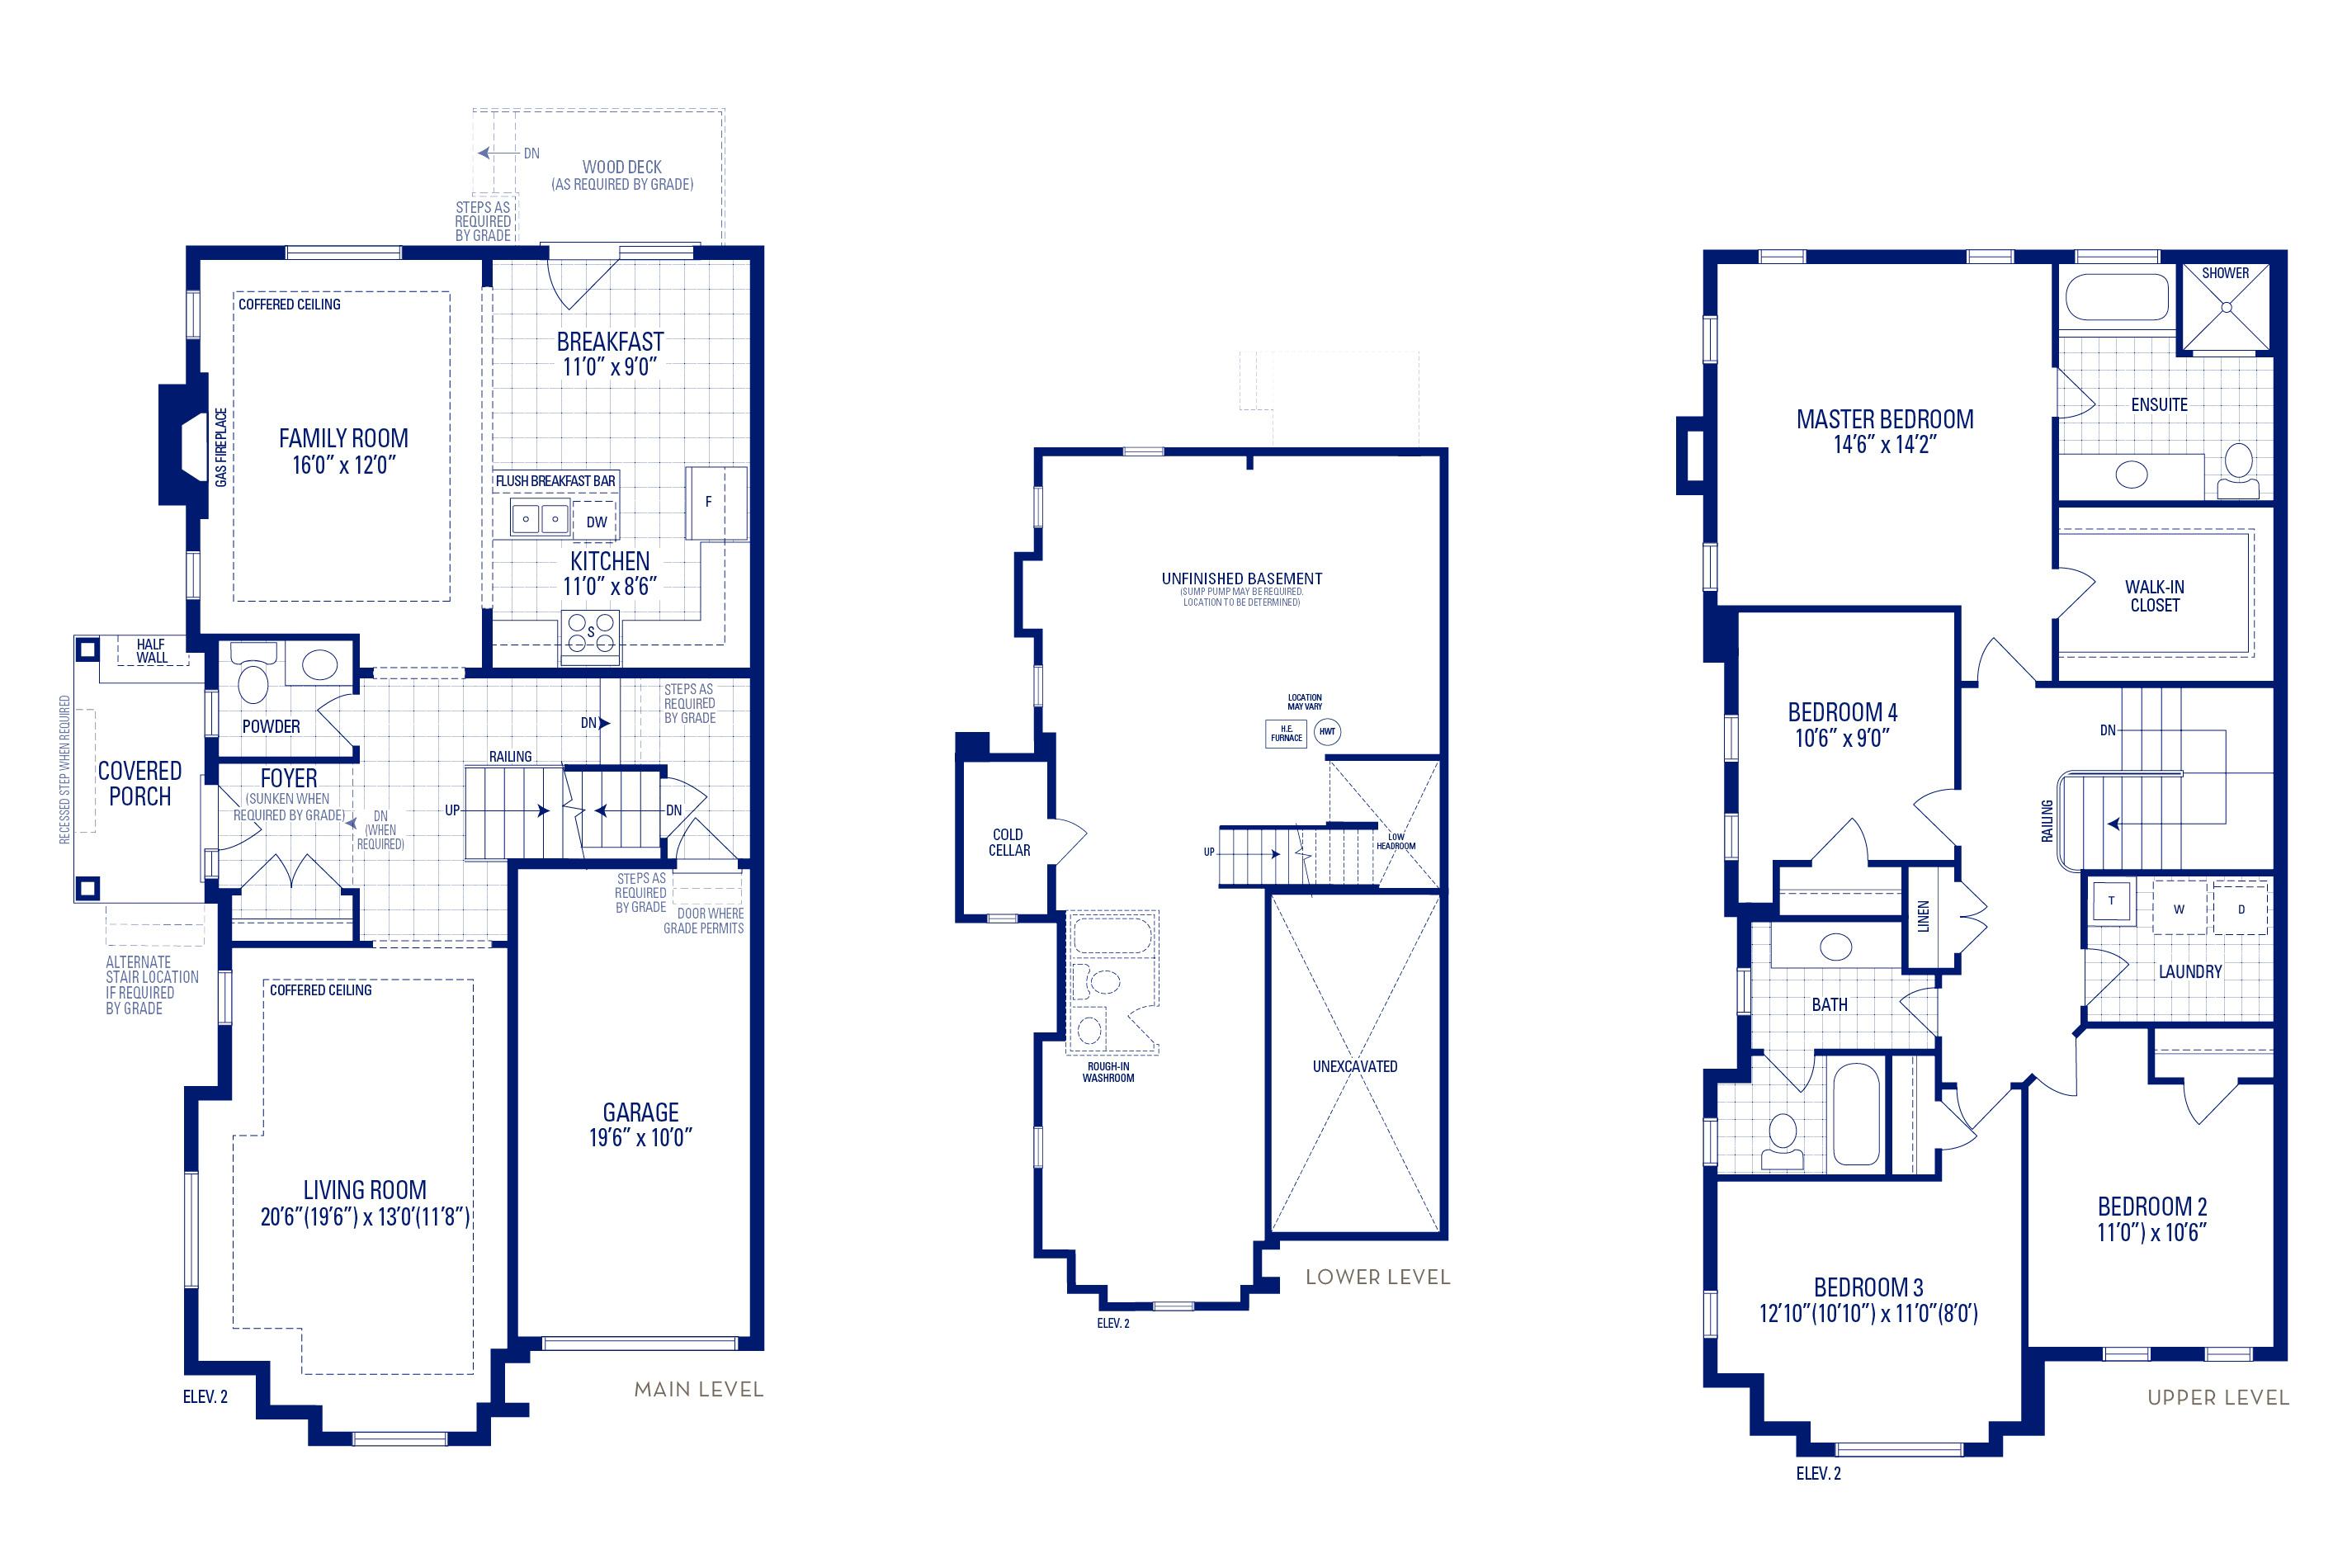 Heritage 12 Elev. 2 Floorplan